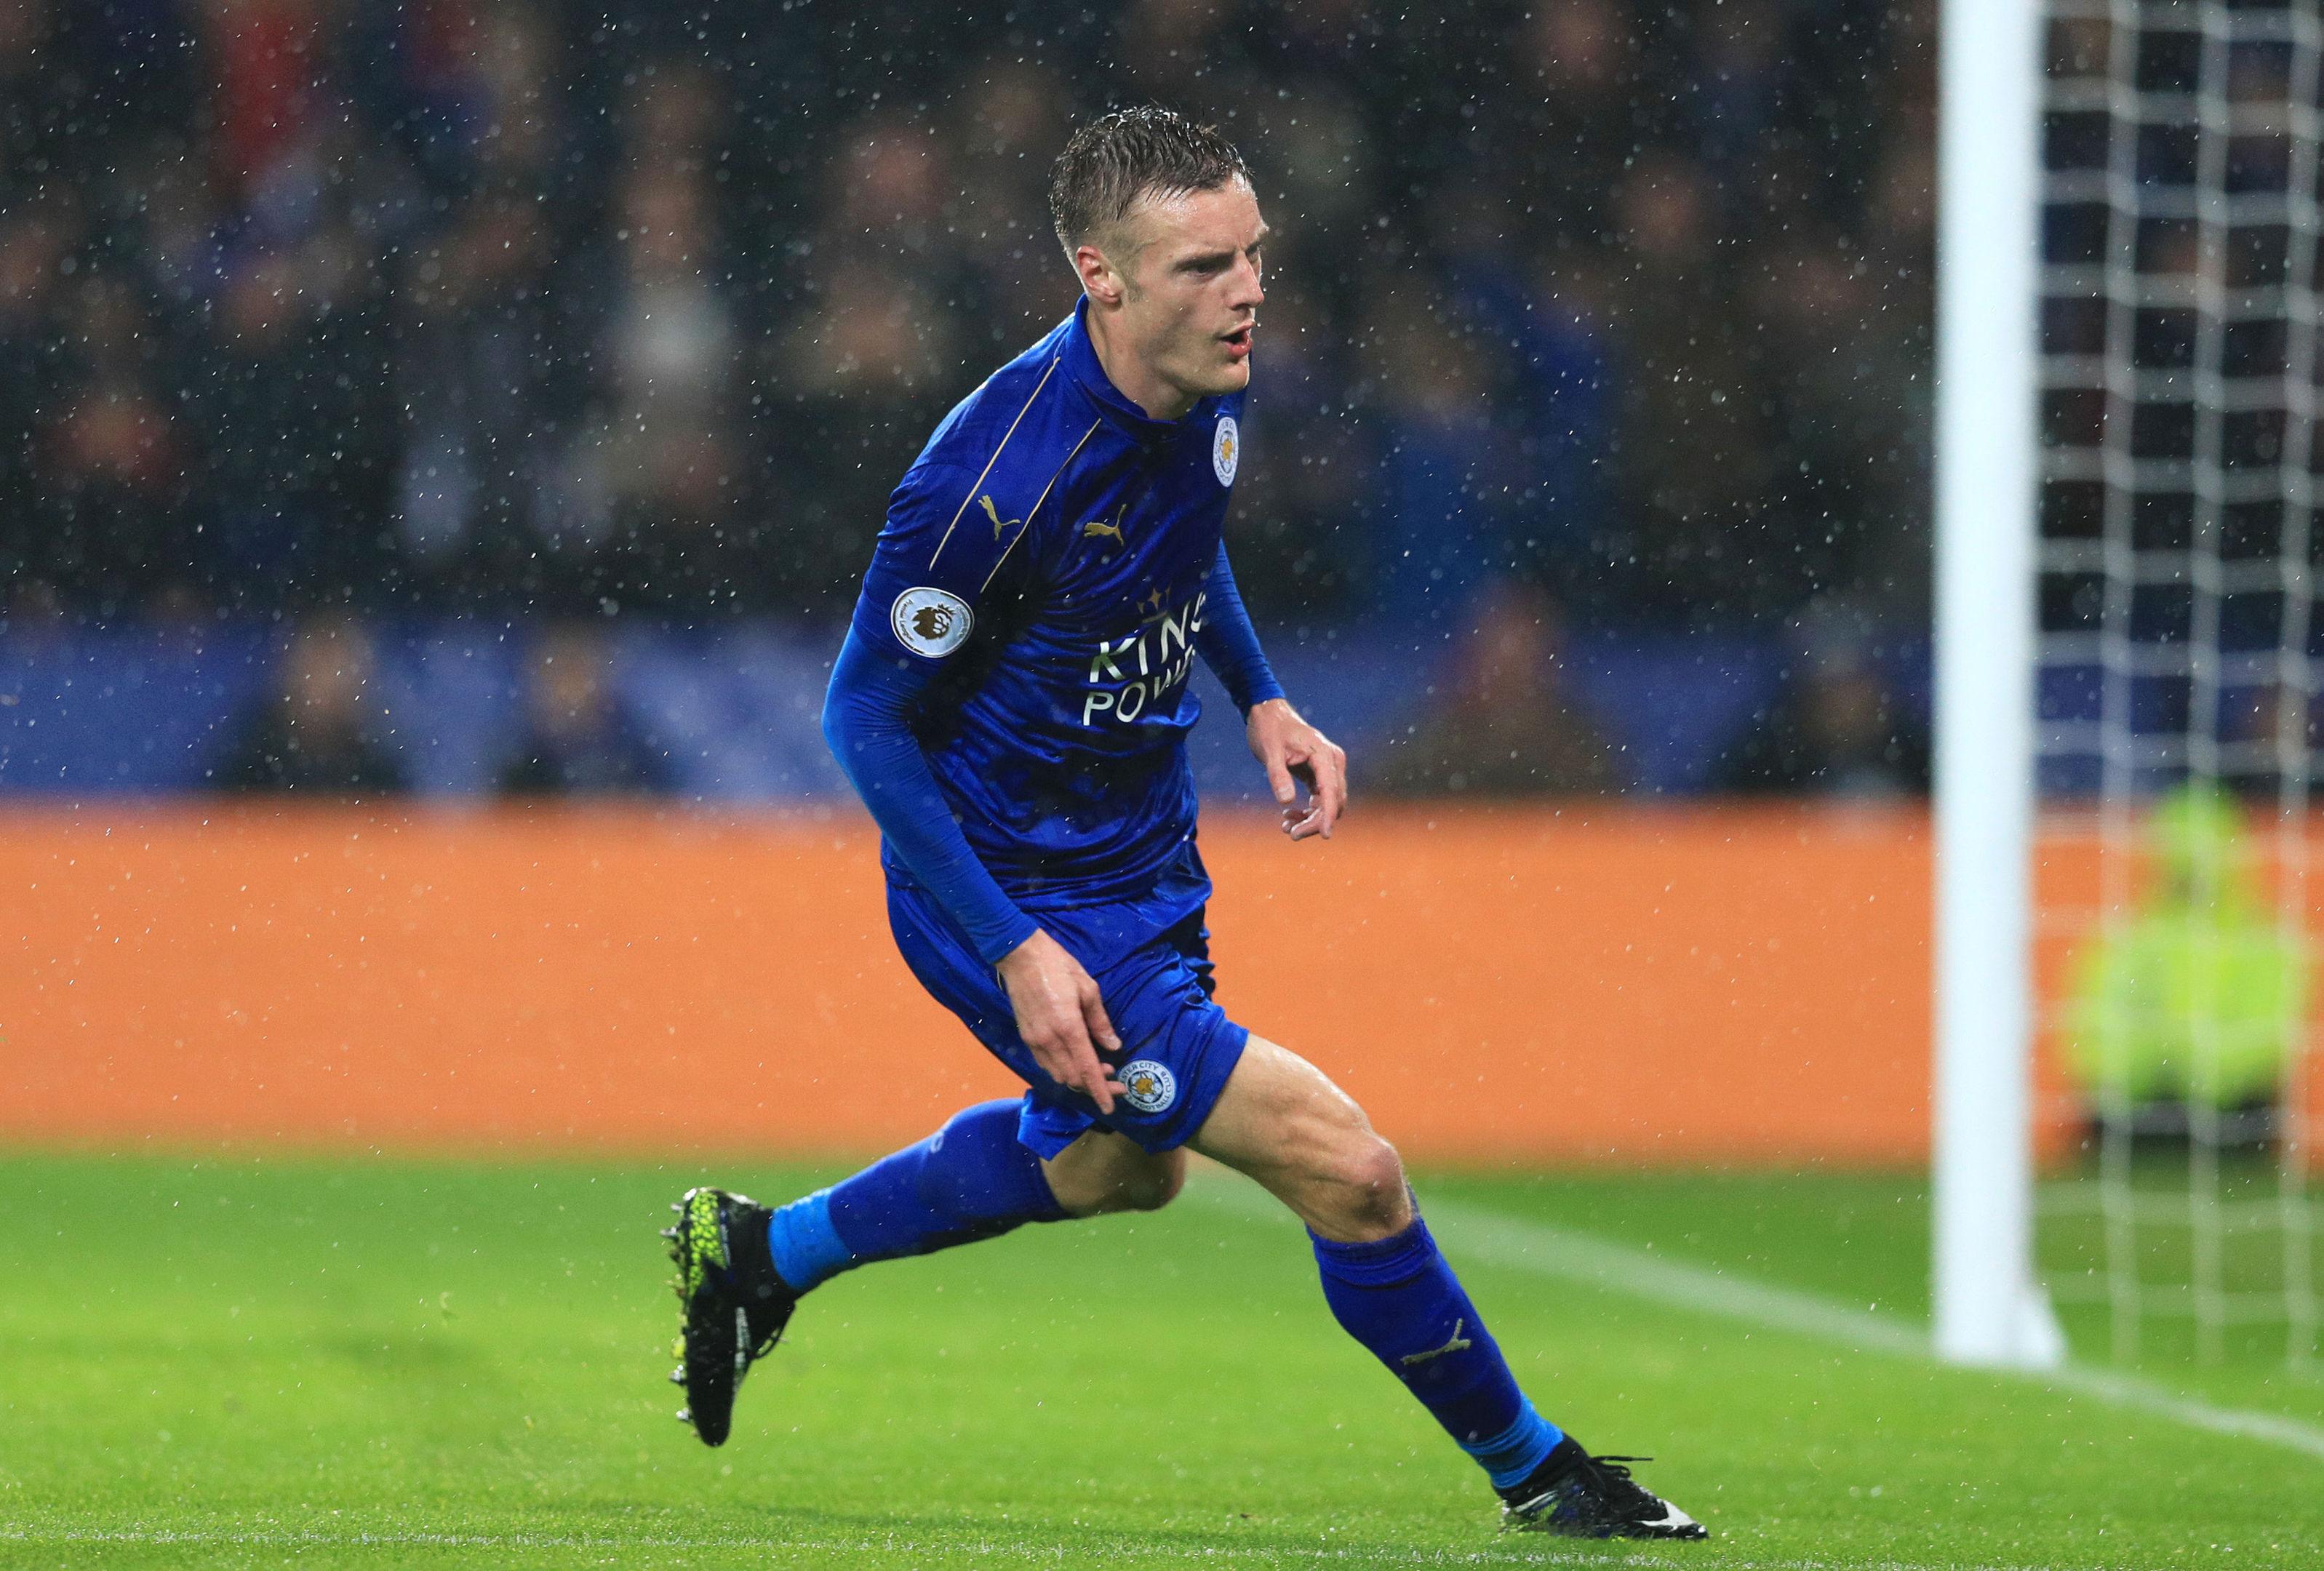 Leicester City's Jamie Vardy (Adam Davy/PA Wire)